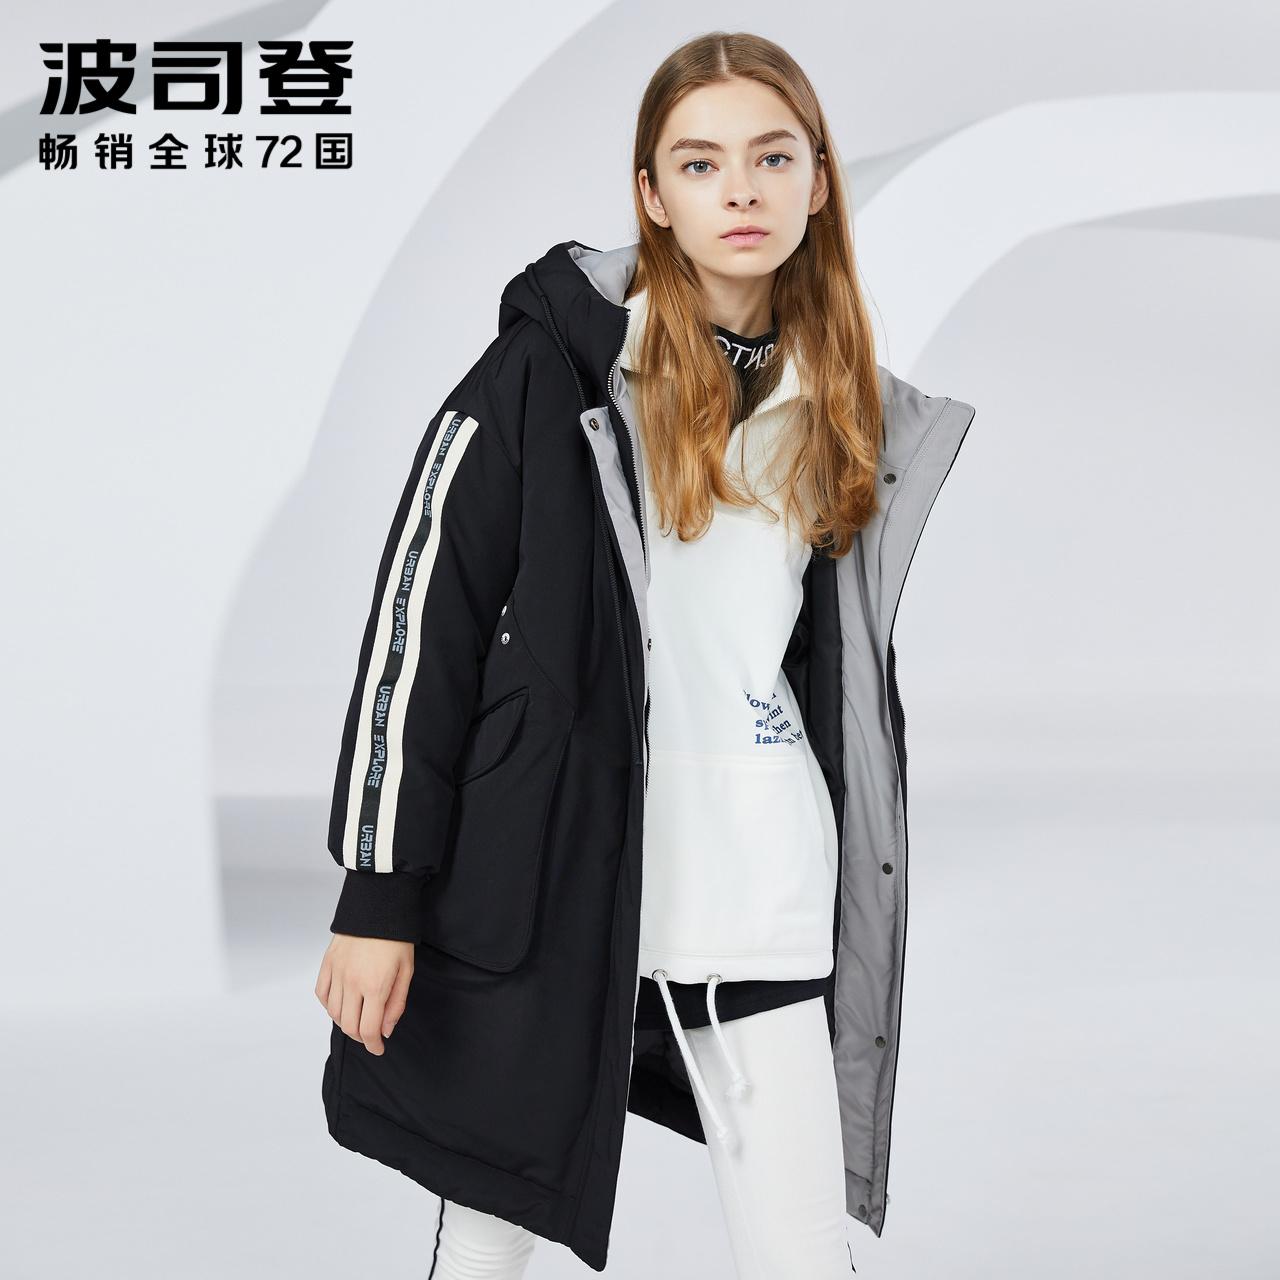 波司登羽绒服女中长款2018新款时尚女士连帽冬季外套B80142508DS